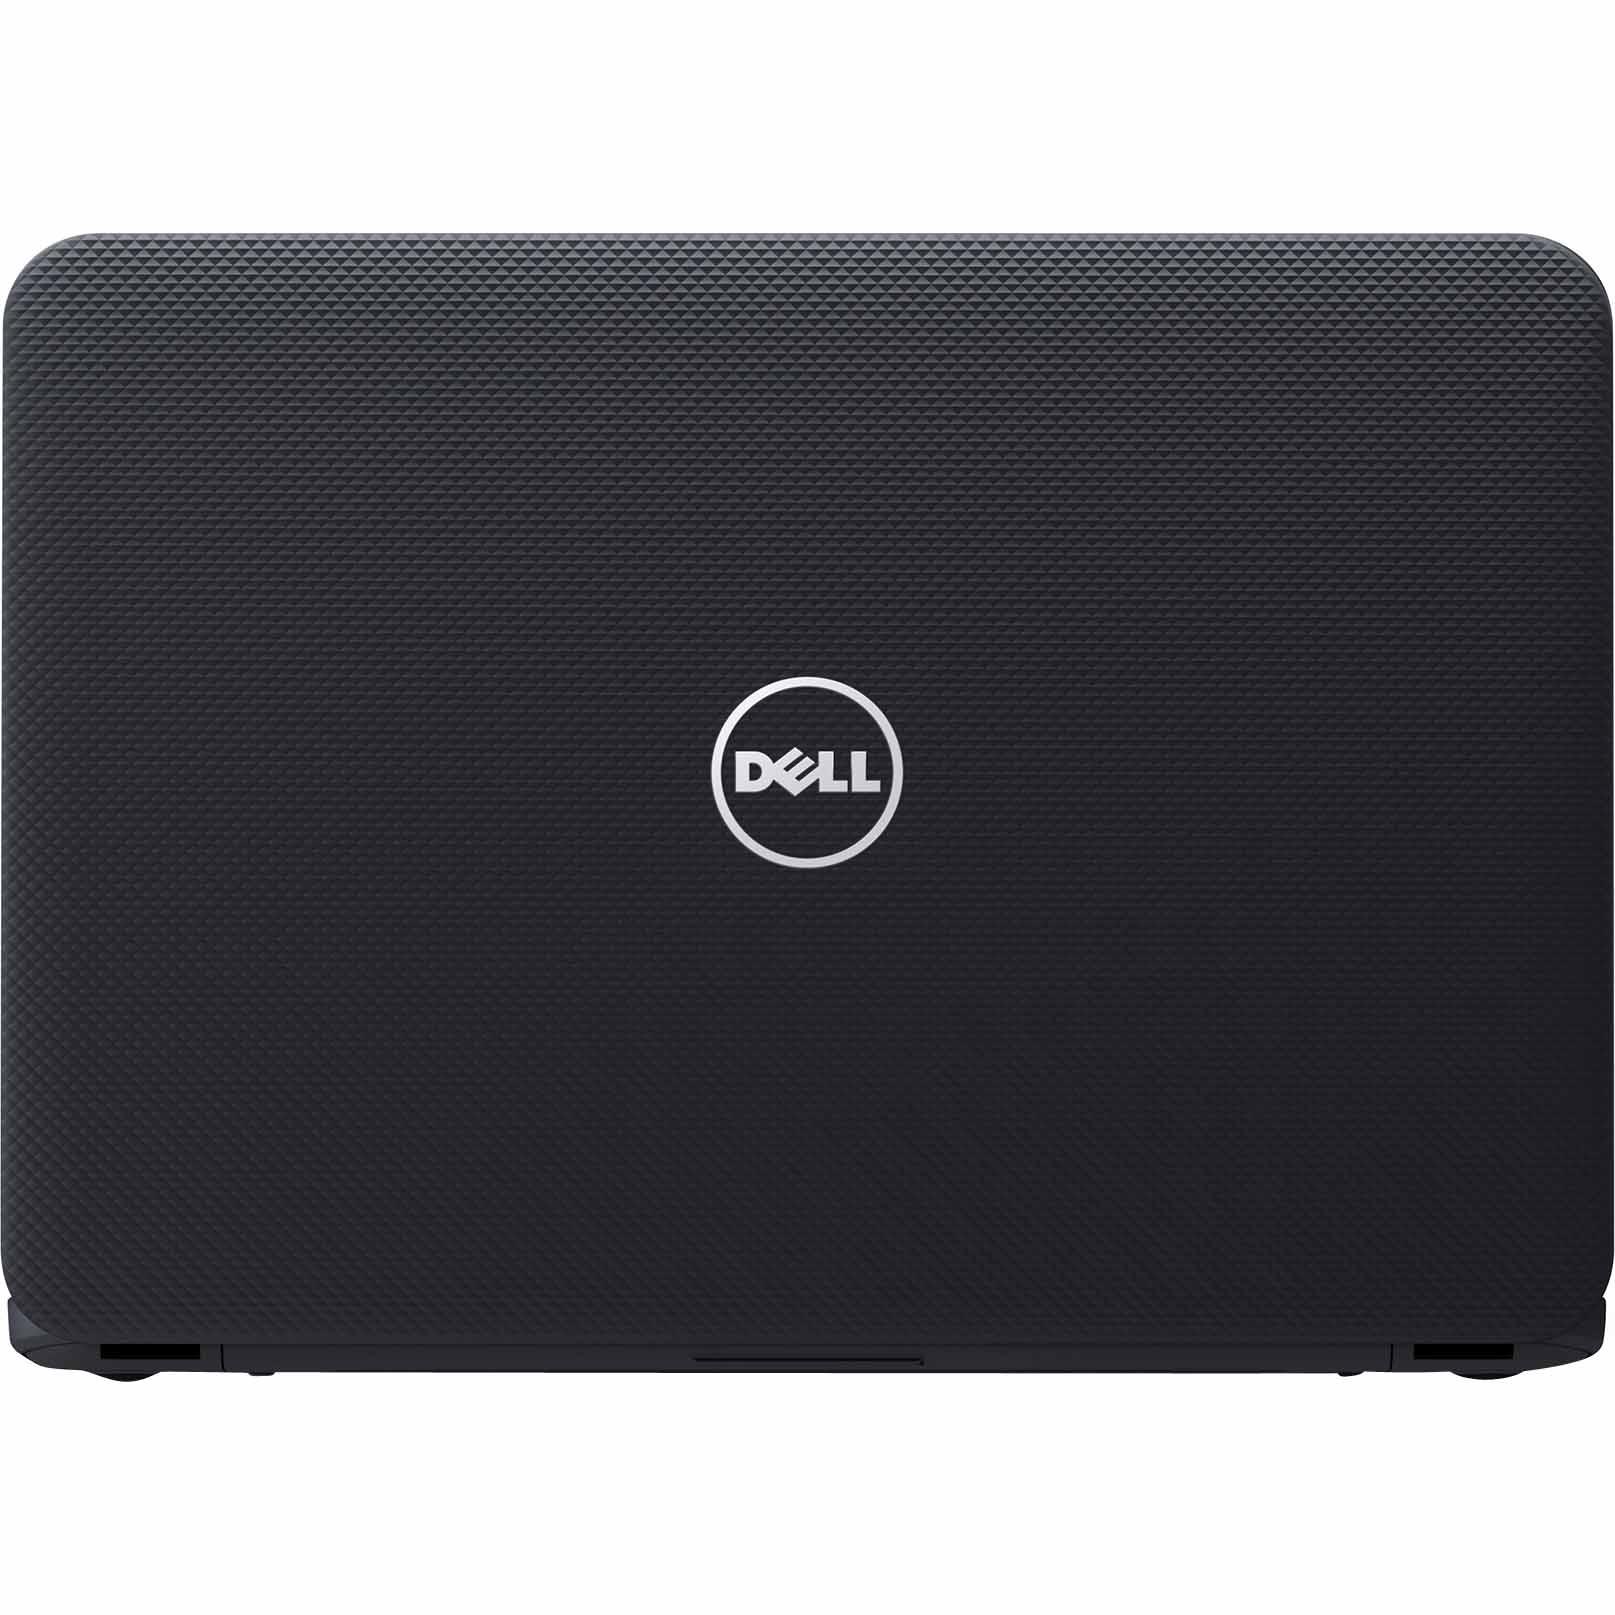 """Dell 15.6"""" Display 4GB Memory Inspiron Quad-Core Processor"""